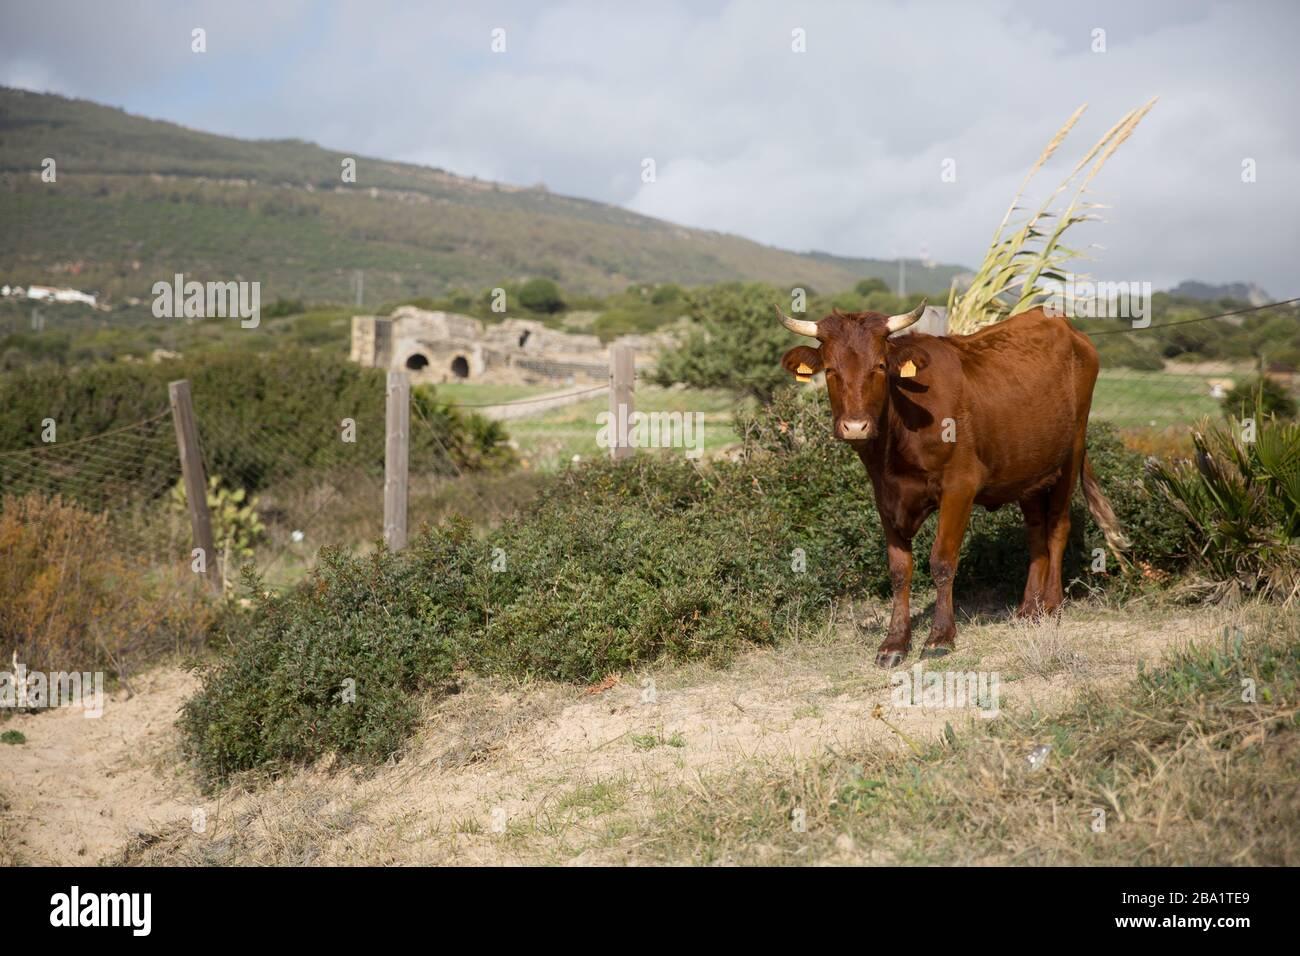 Un Marrón Corente ganado Breed con dos cuernos de pie con una vista montañosa de la montaña Foto de stock